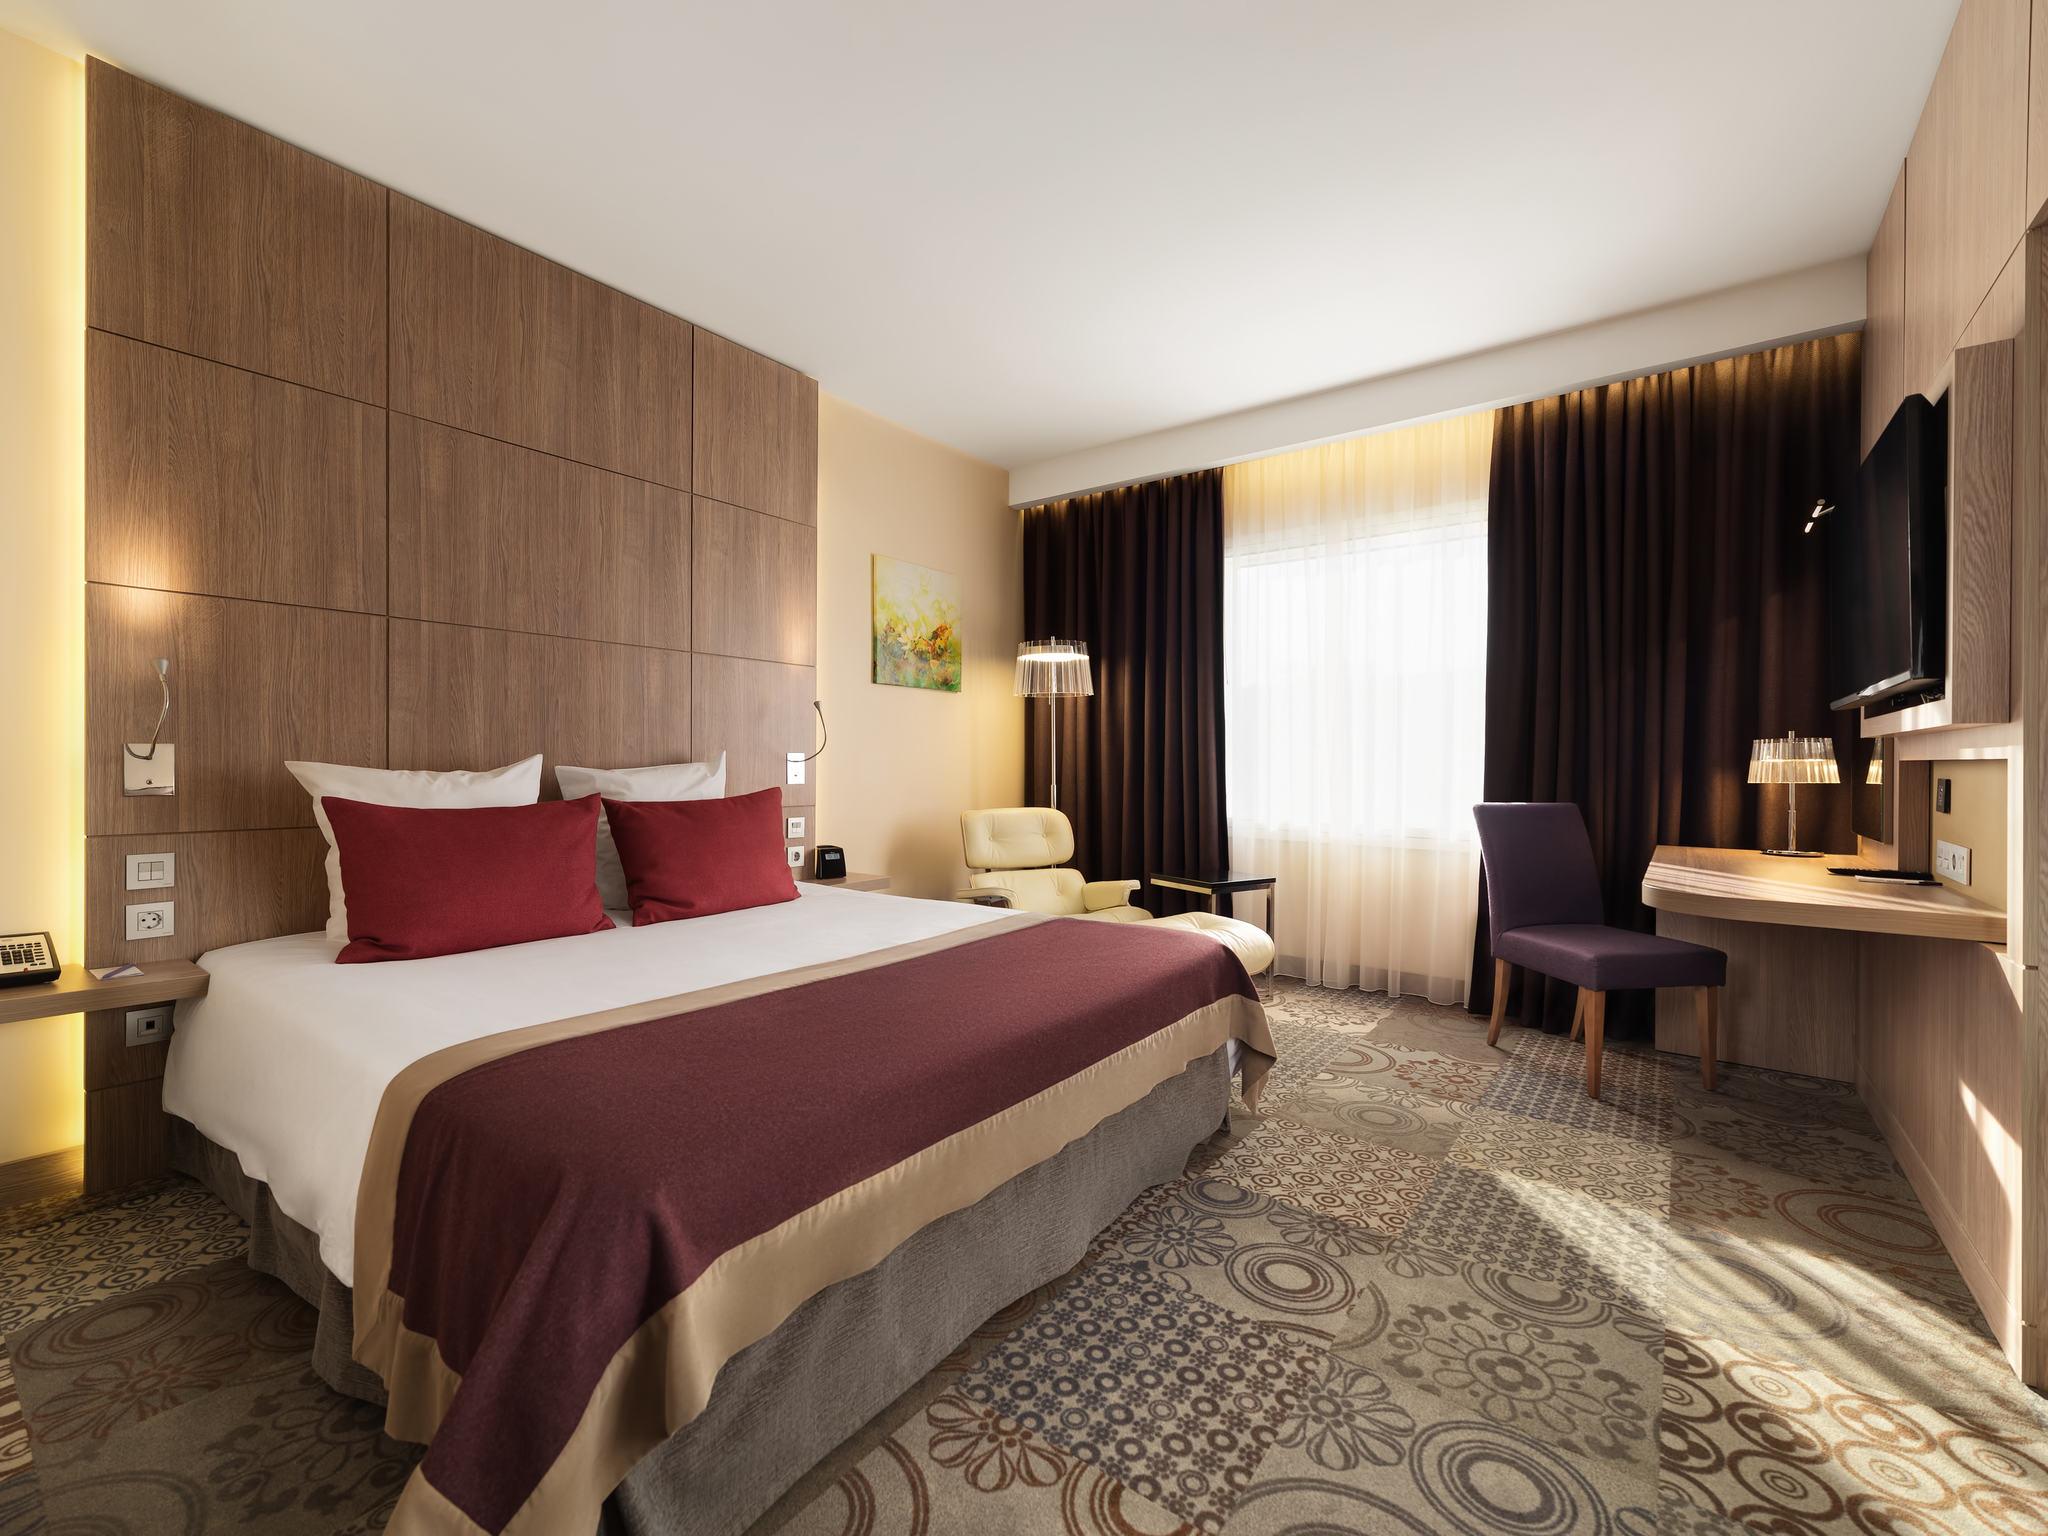 酒店 – 诺富特莫斯科谢列梅也沃酒店